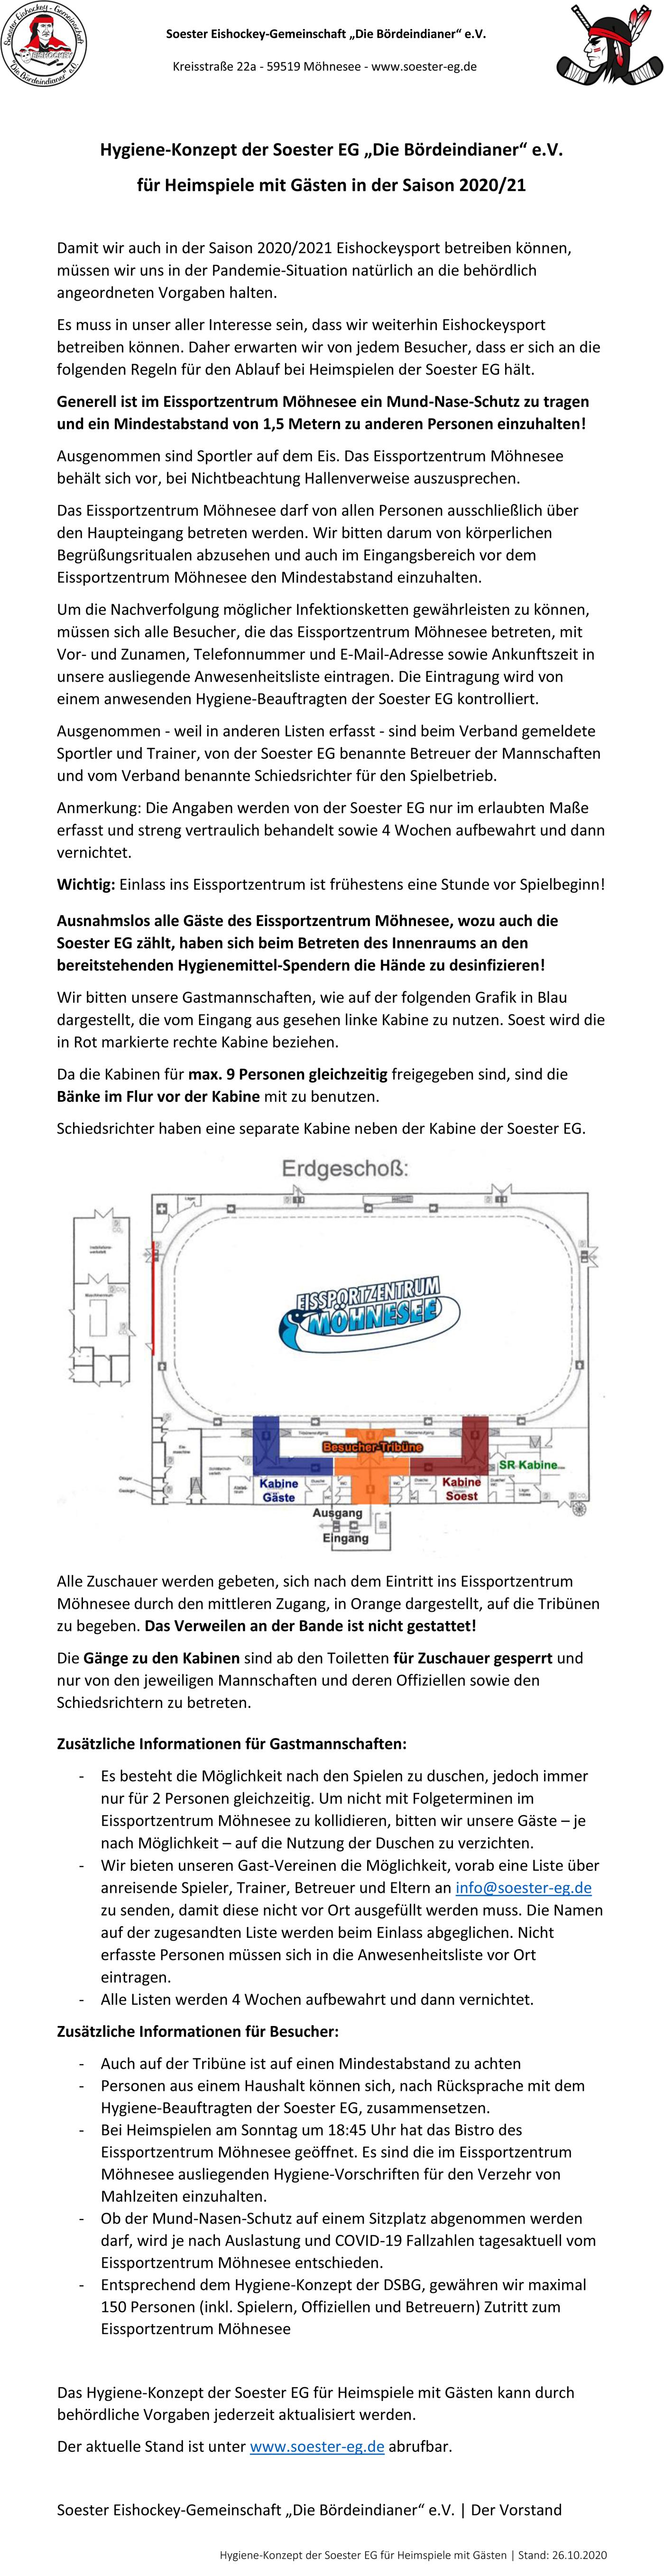 SEG-Hygienekonzept-Heimspiele_upd26102020.jpg